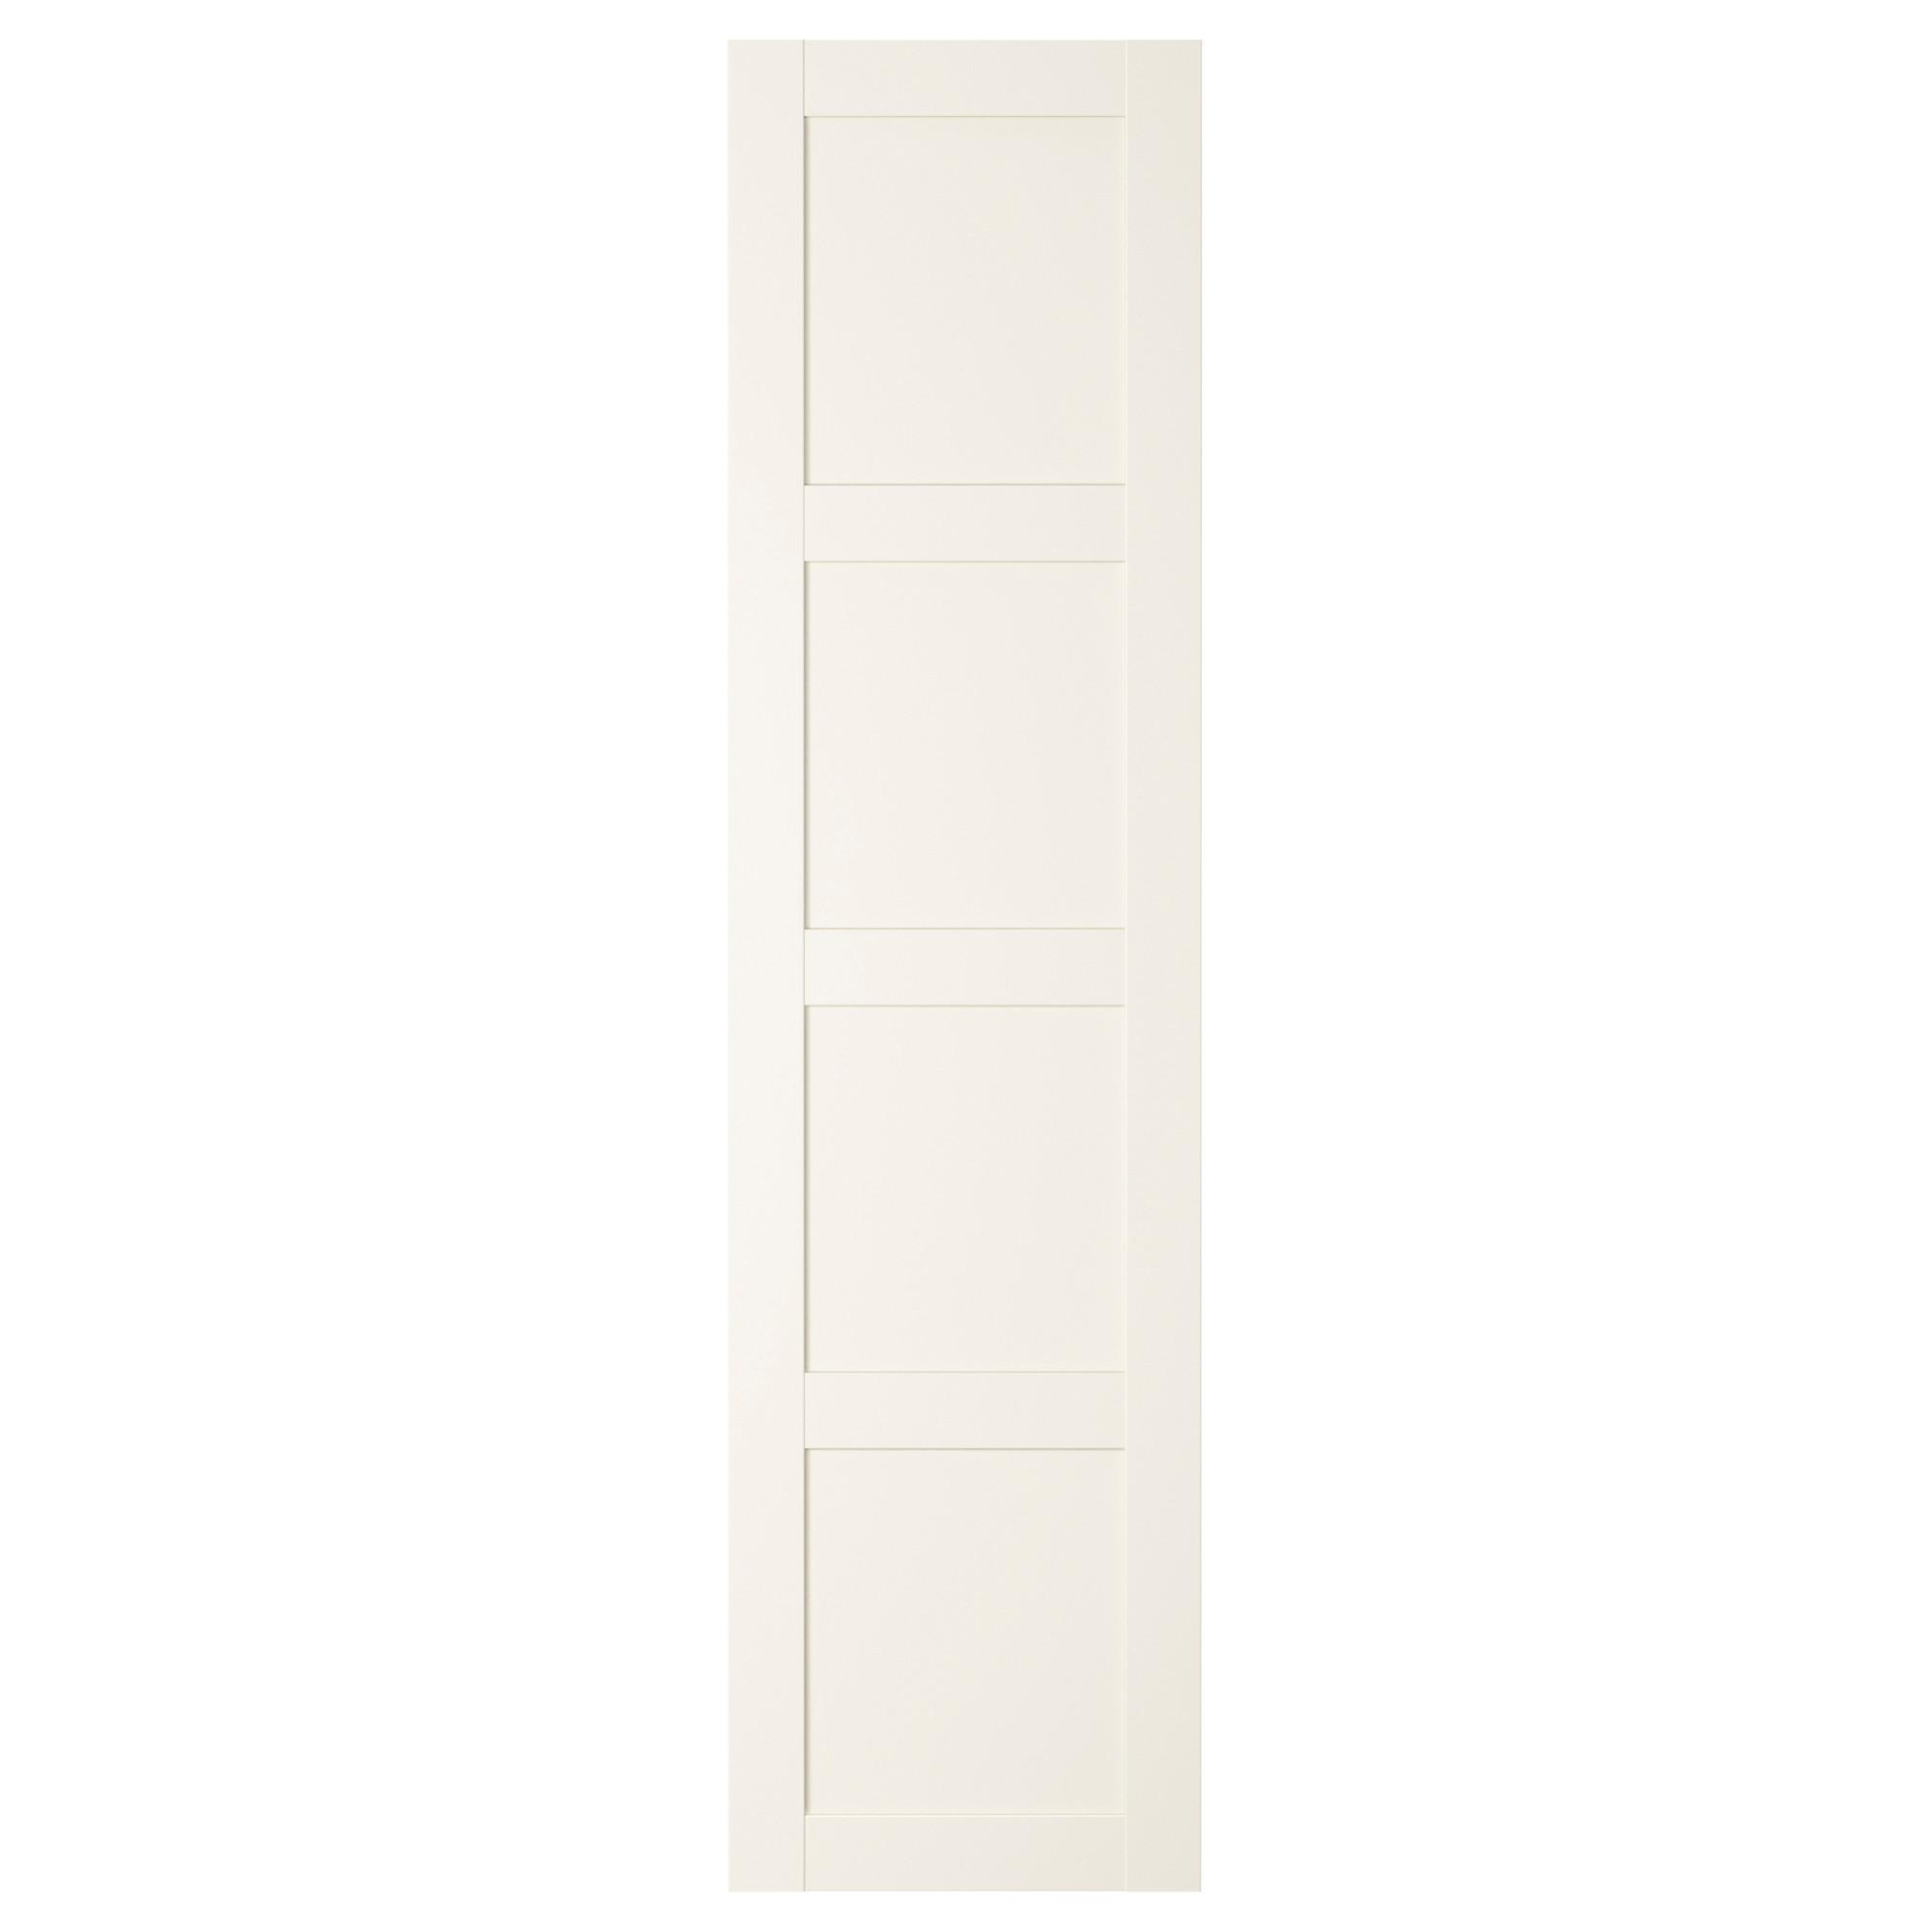 Bergsbo White Door With Hinges 50x195 Cm Ikea Hinged Wardrobe Doors Wardrobe Doors Ikea